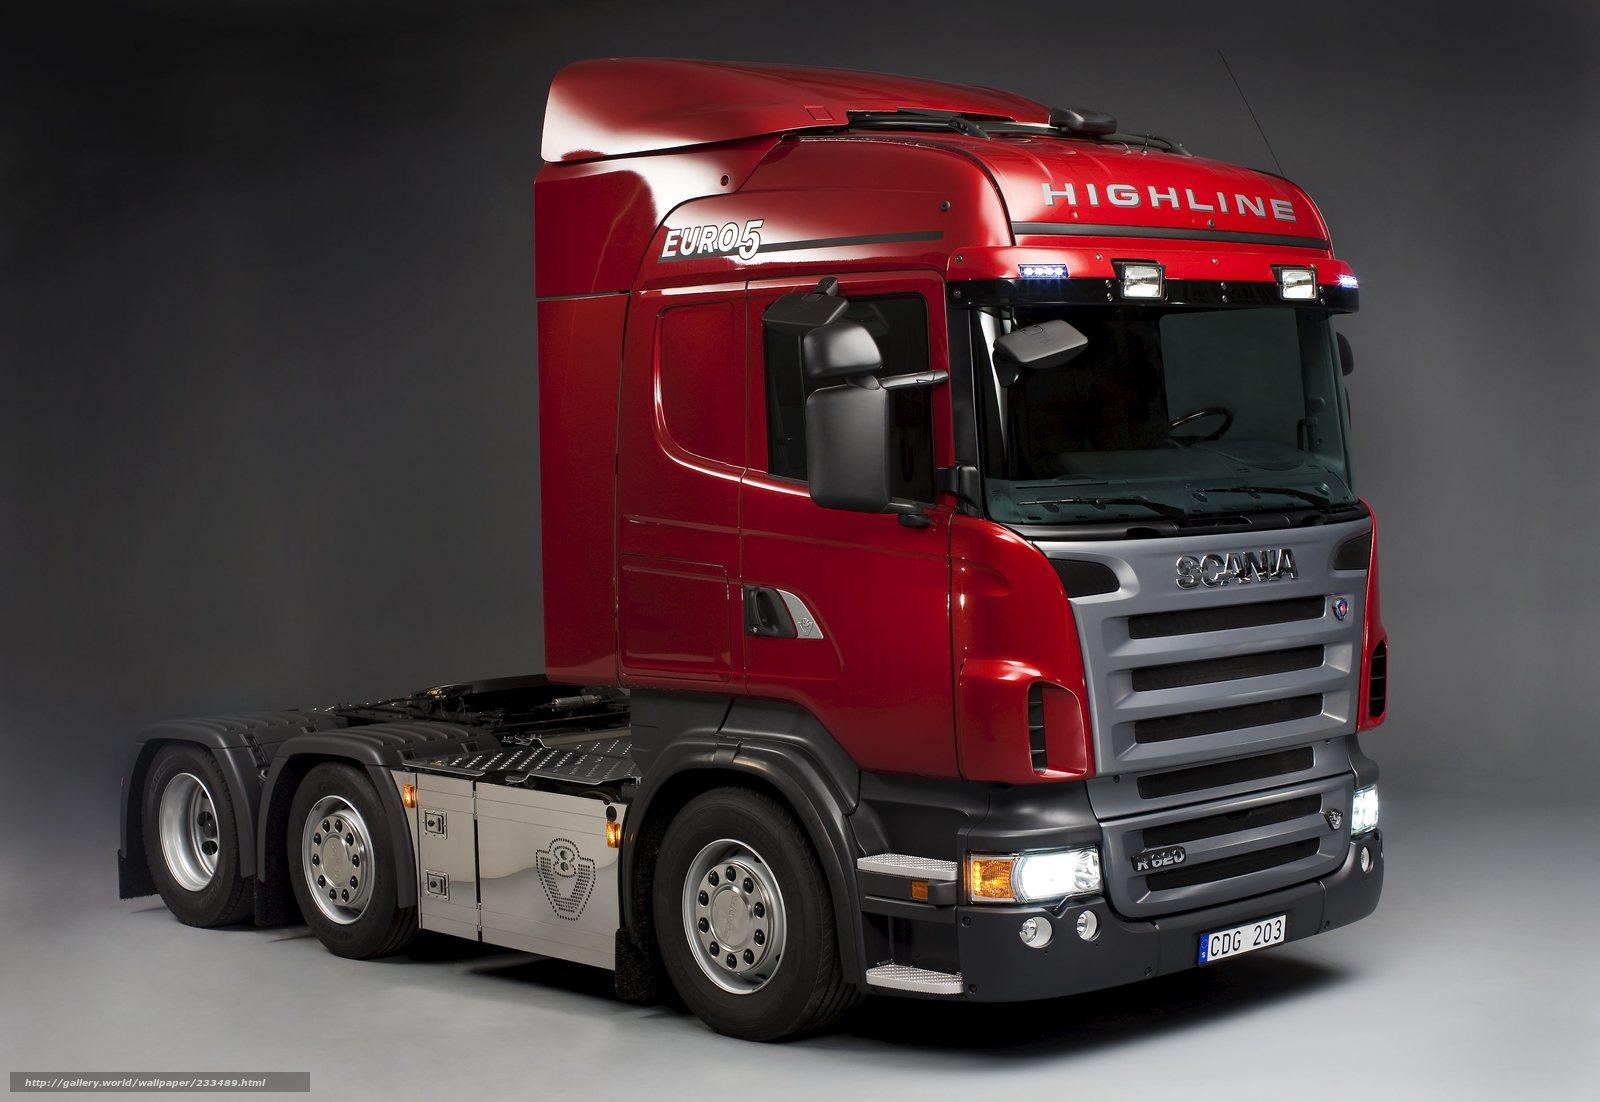 Hq scania, van, caminhão, vermelho, 3562x2453 fotos, Imagens HQ e